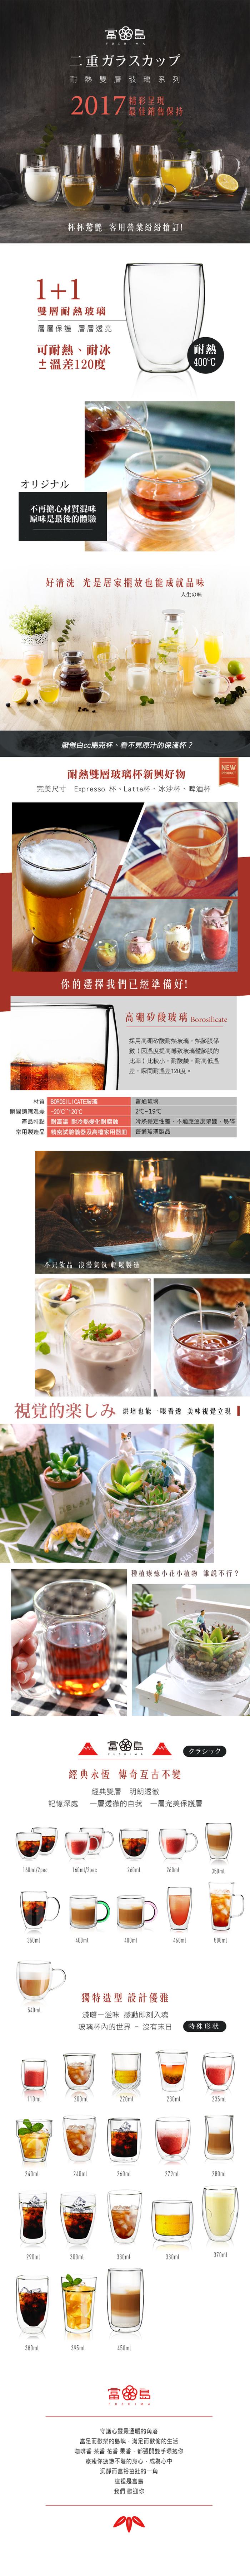 FUSHIMA 富島|精密陶瓷濾杯+木片+鐵架+雙層玻璃杯350ML經典組